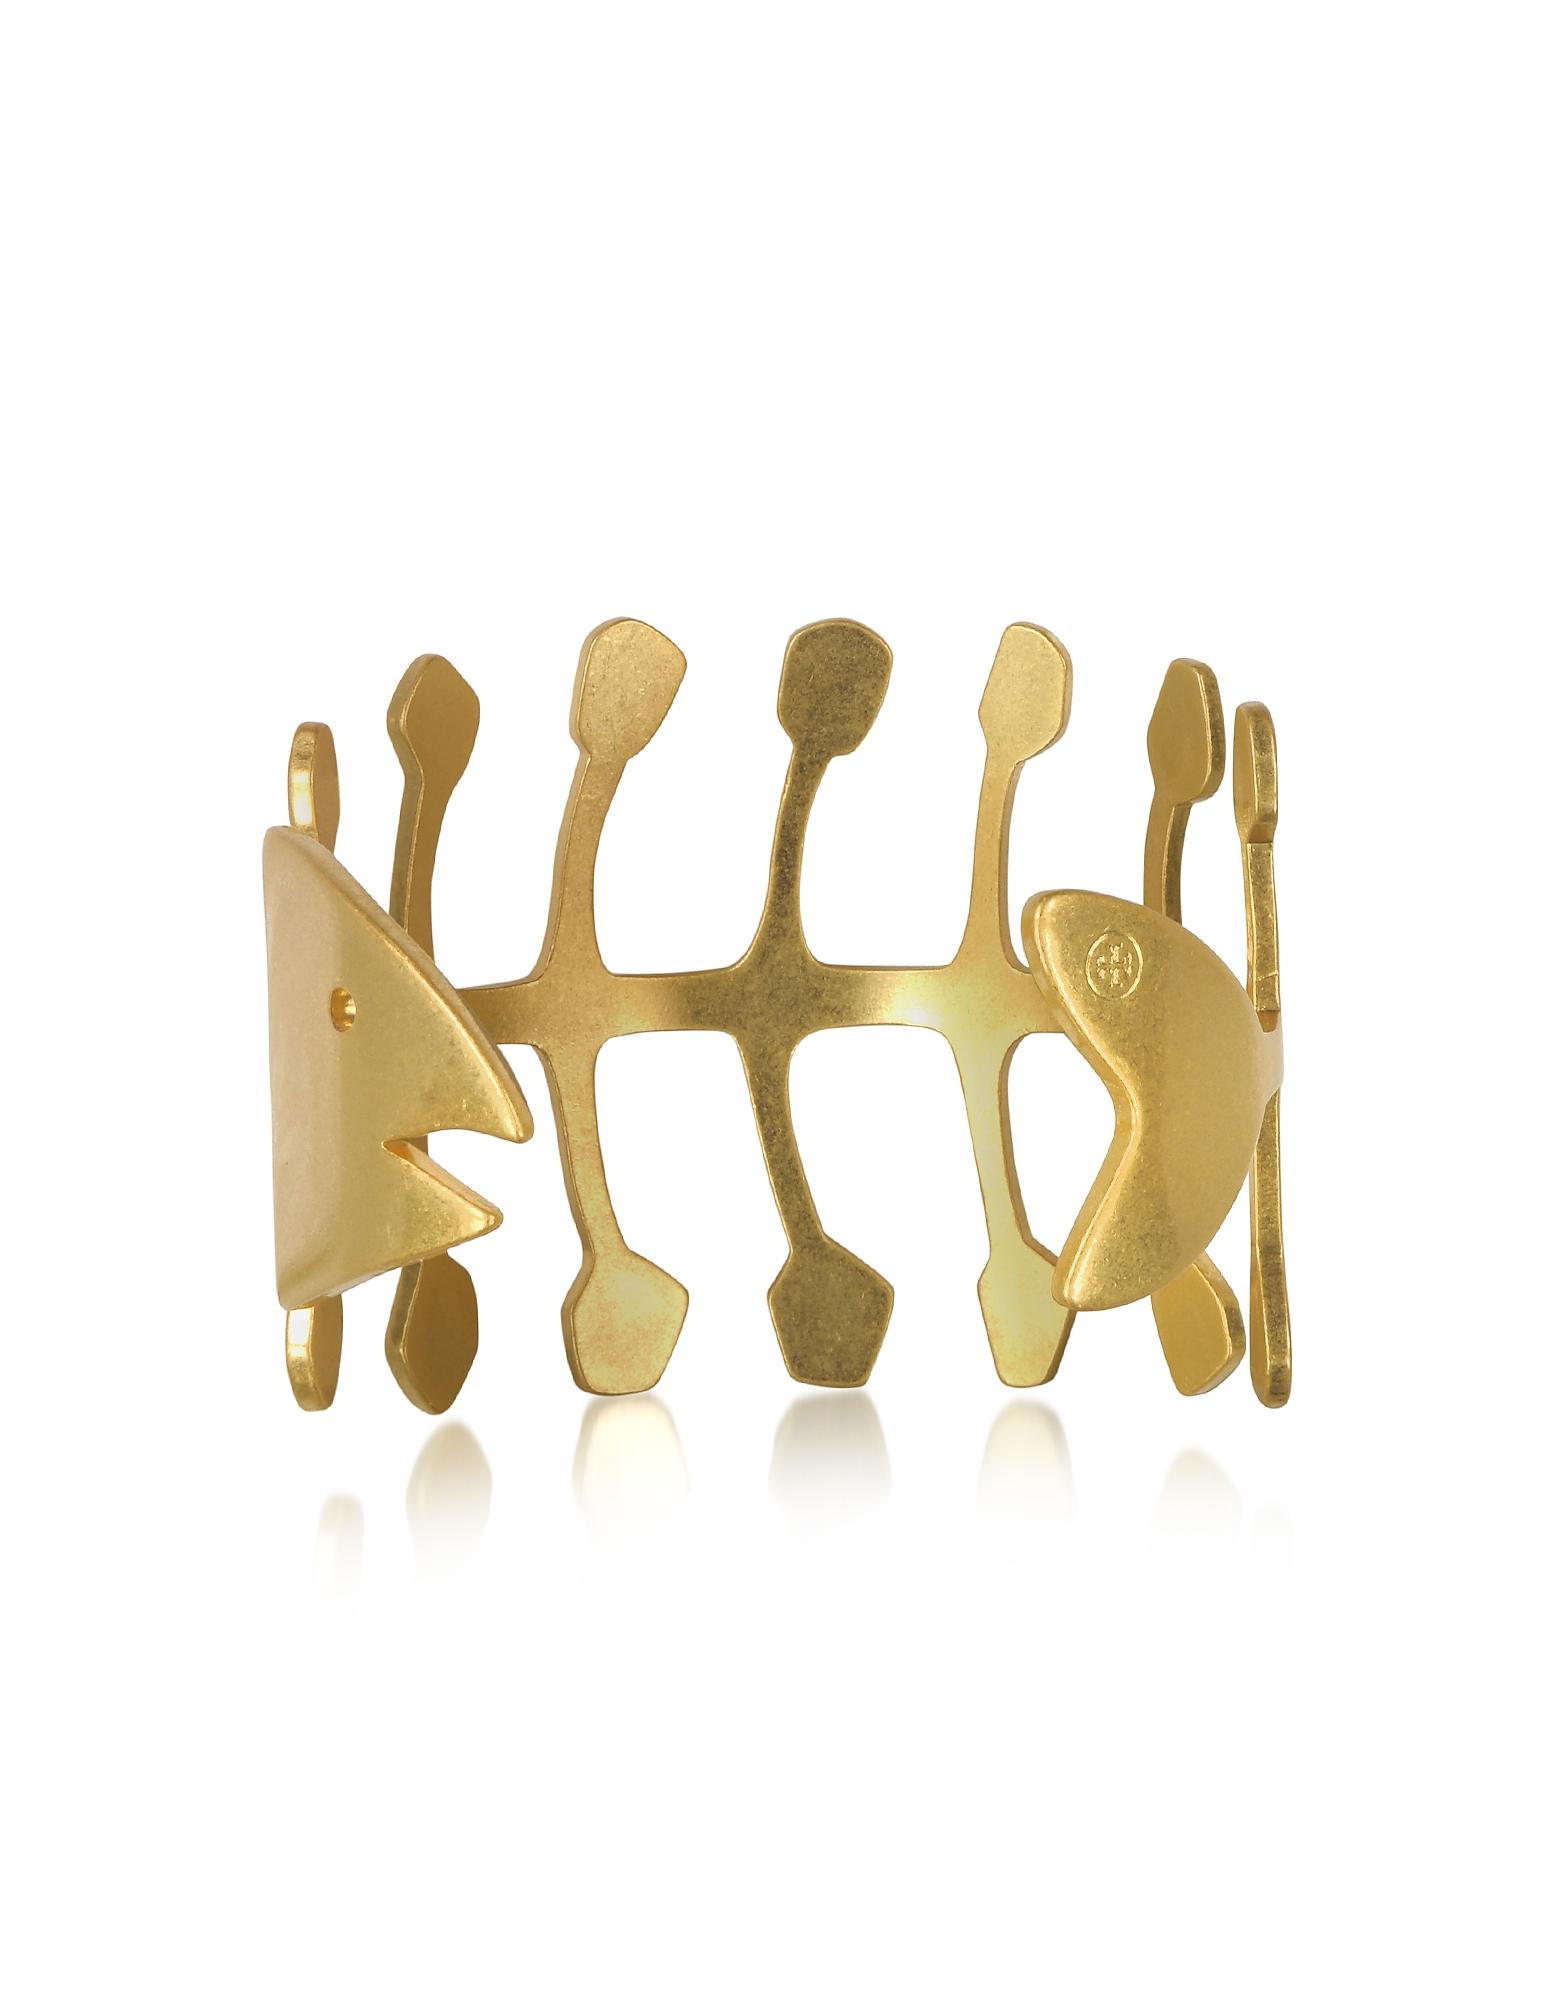 Fish Bone - Золотистый Винтажный Браслет из Меди в Форме Рыбьего Скелета